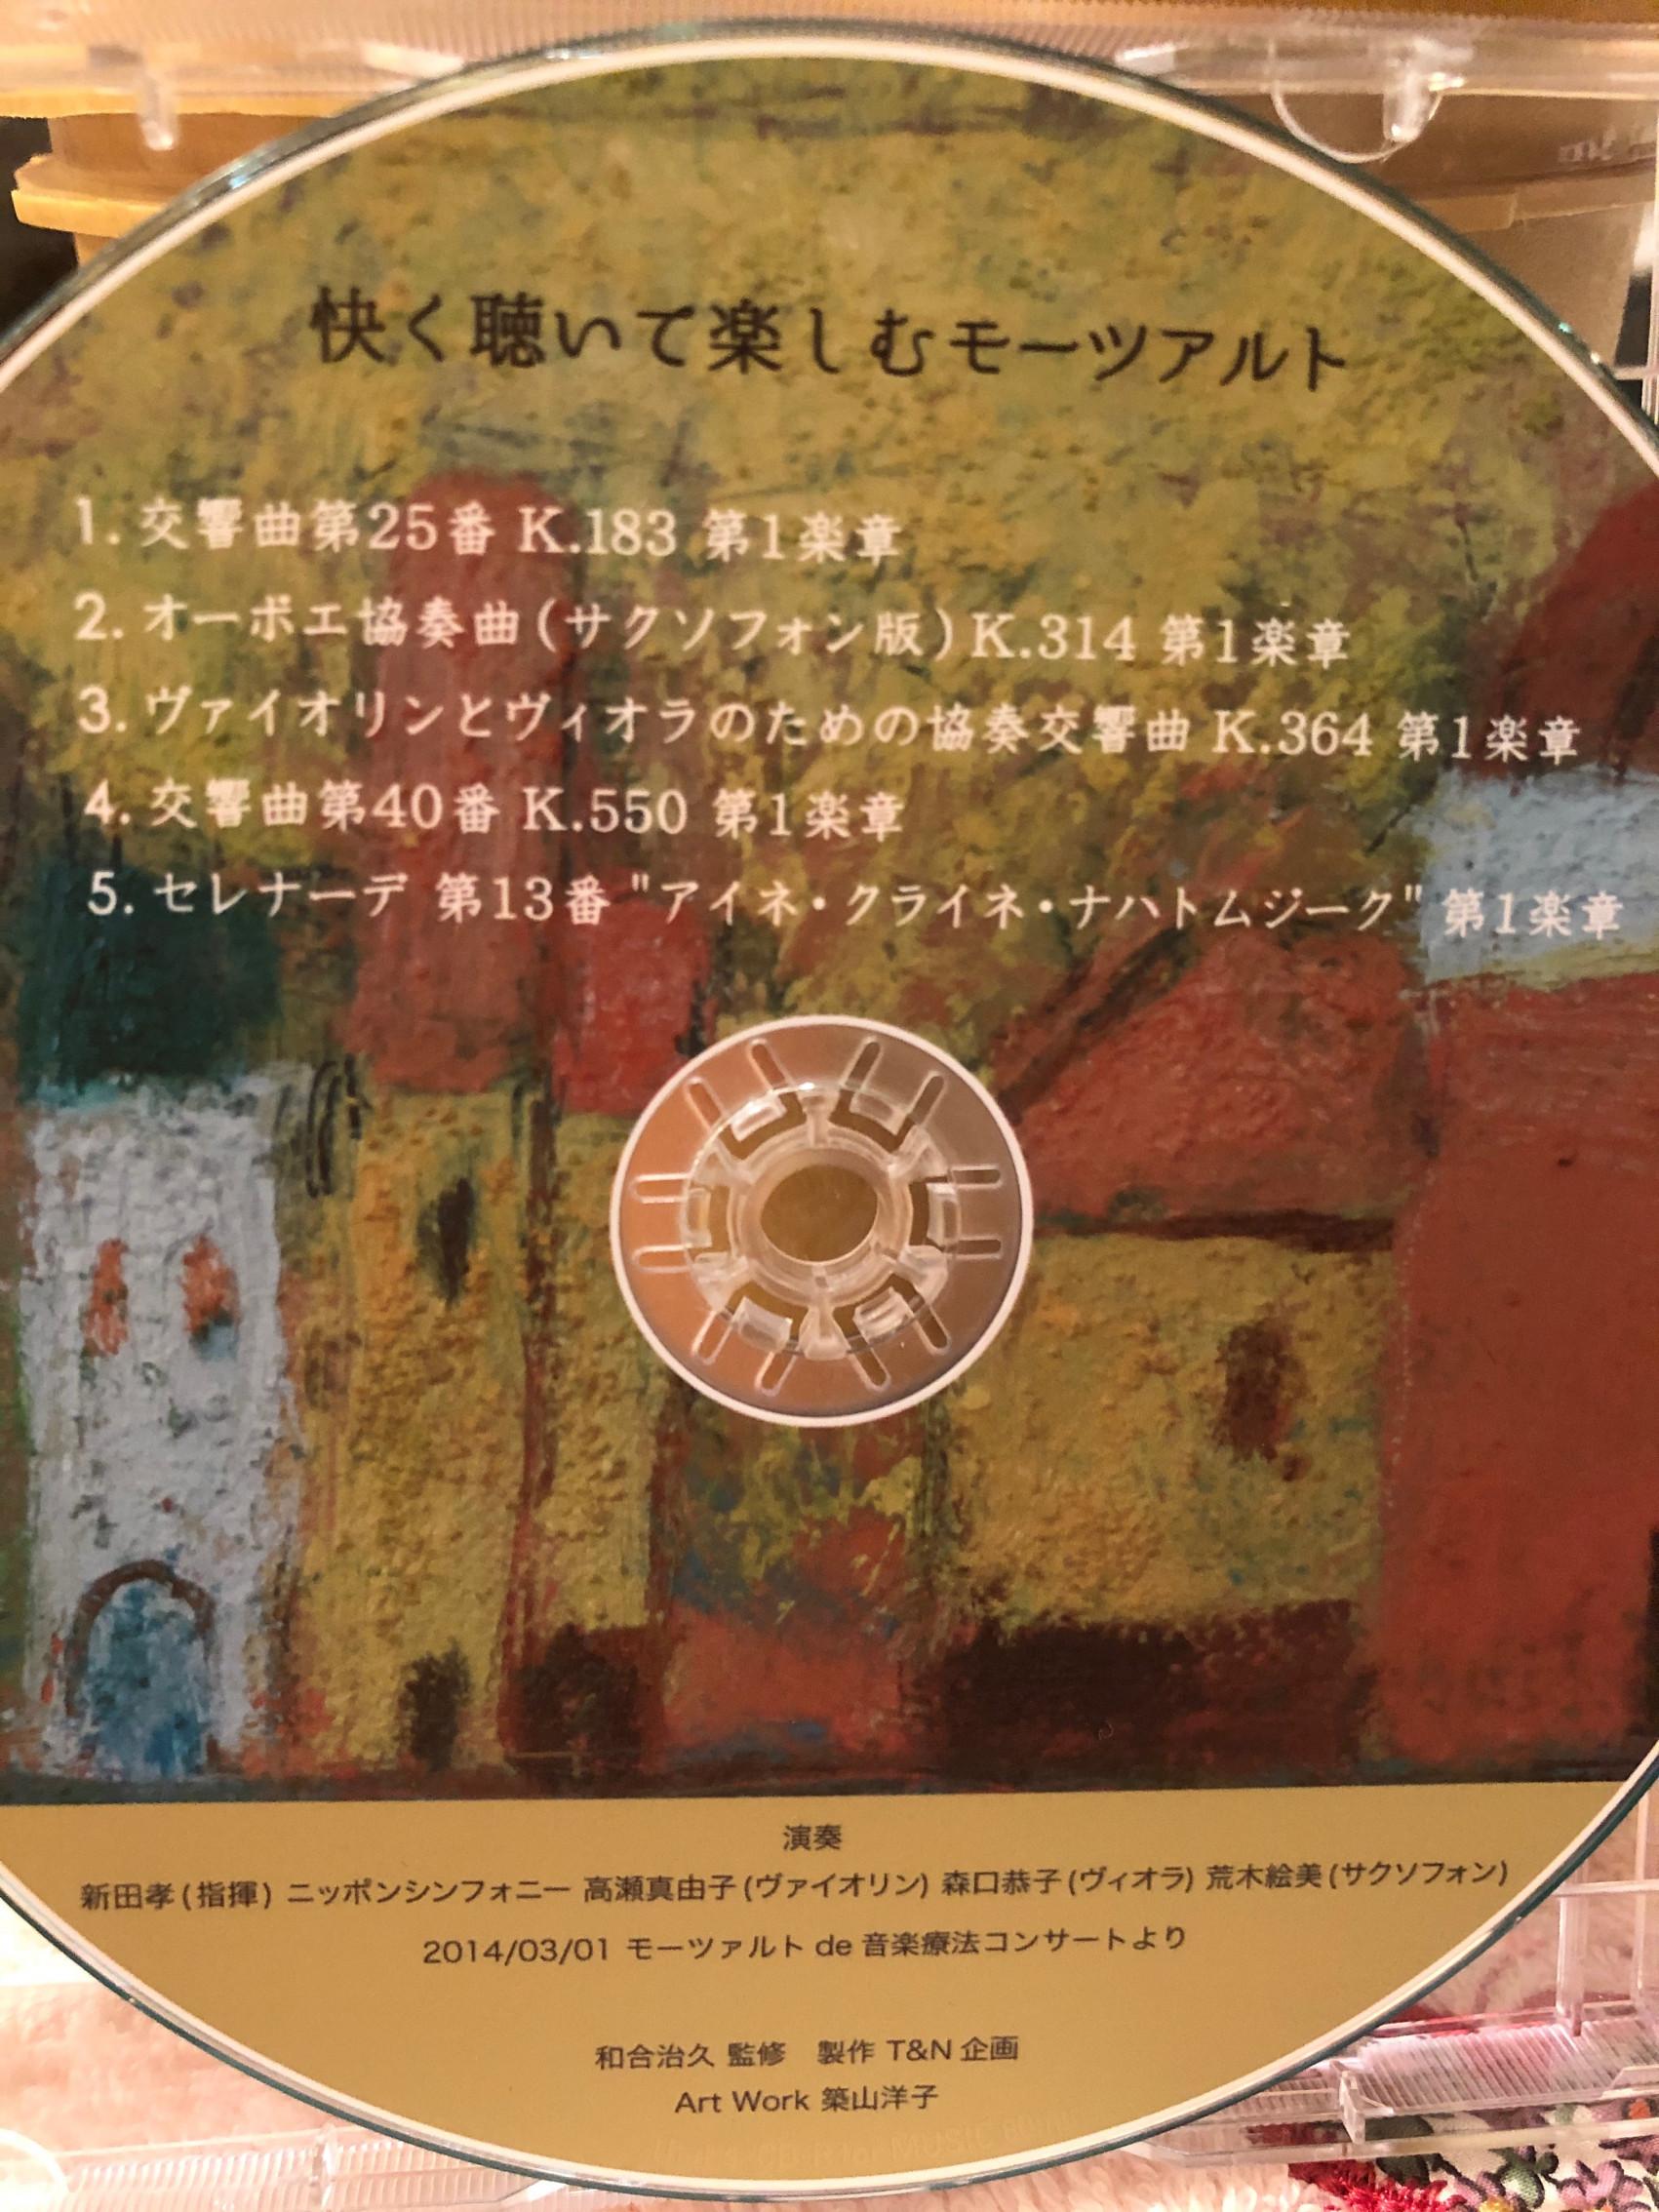 モーツァルトセラピーコンサートチャリティCD(2枚組)